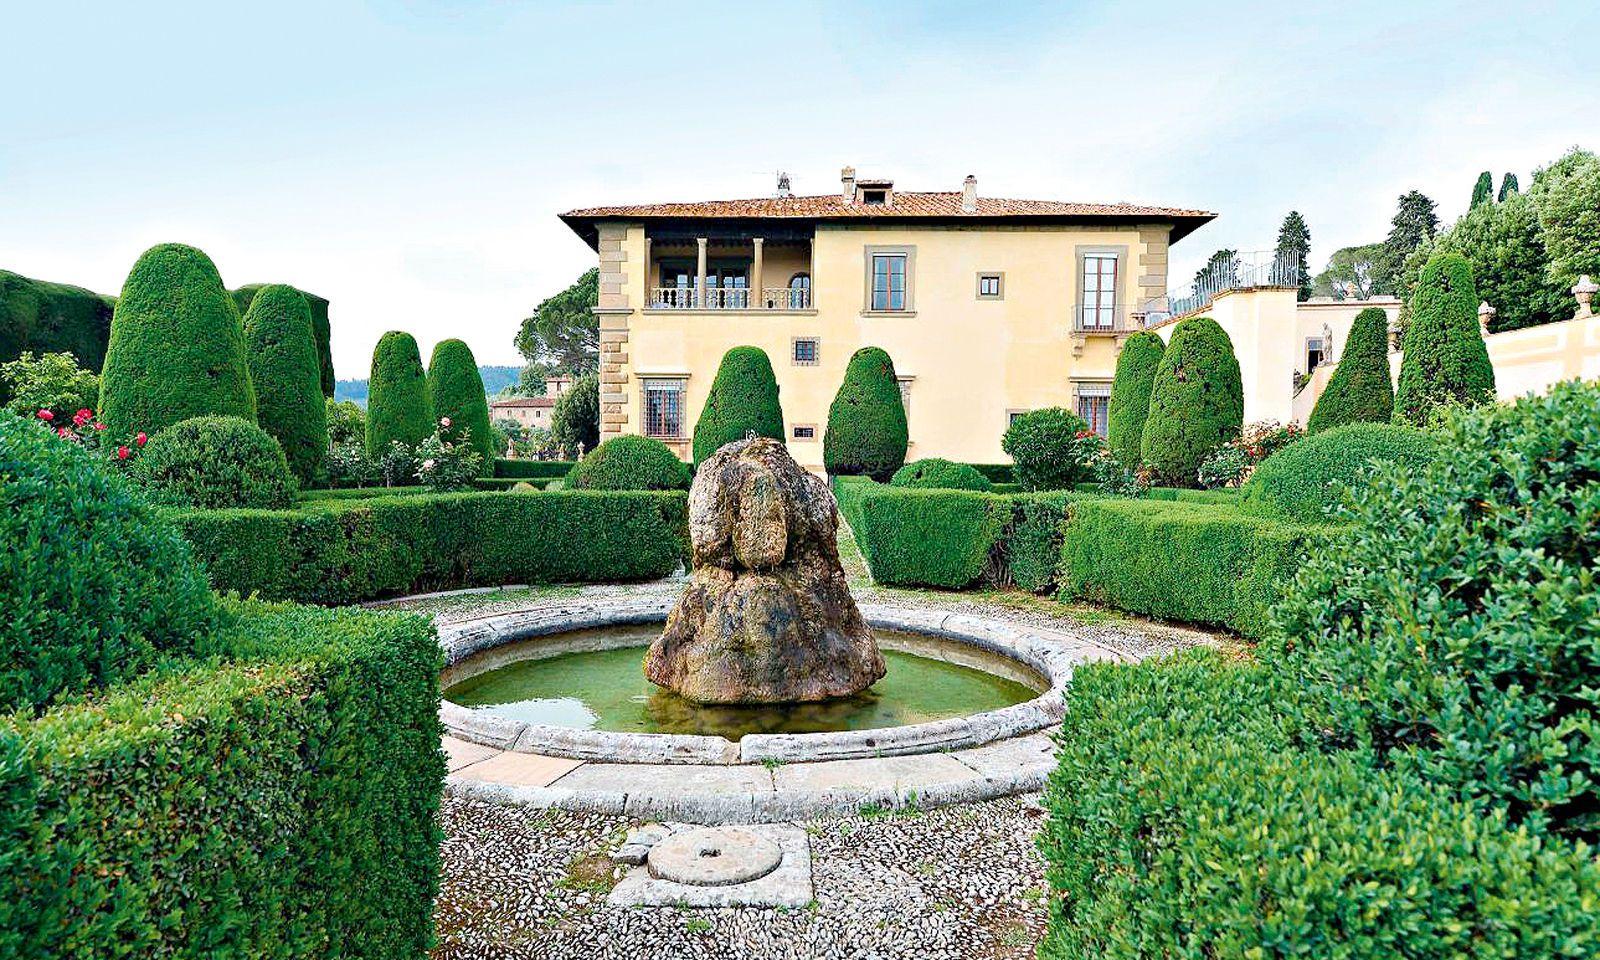 Die Villa Gamberaia in der Nähe von Florenz ist ein Musterbeispiel vollendeter Gartenarchitektur.